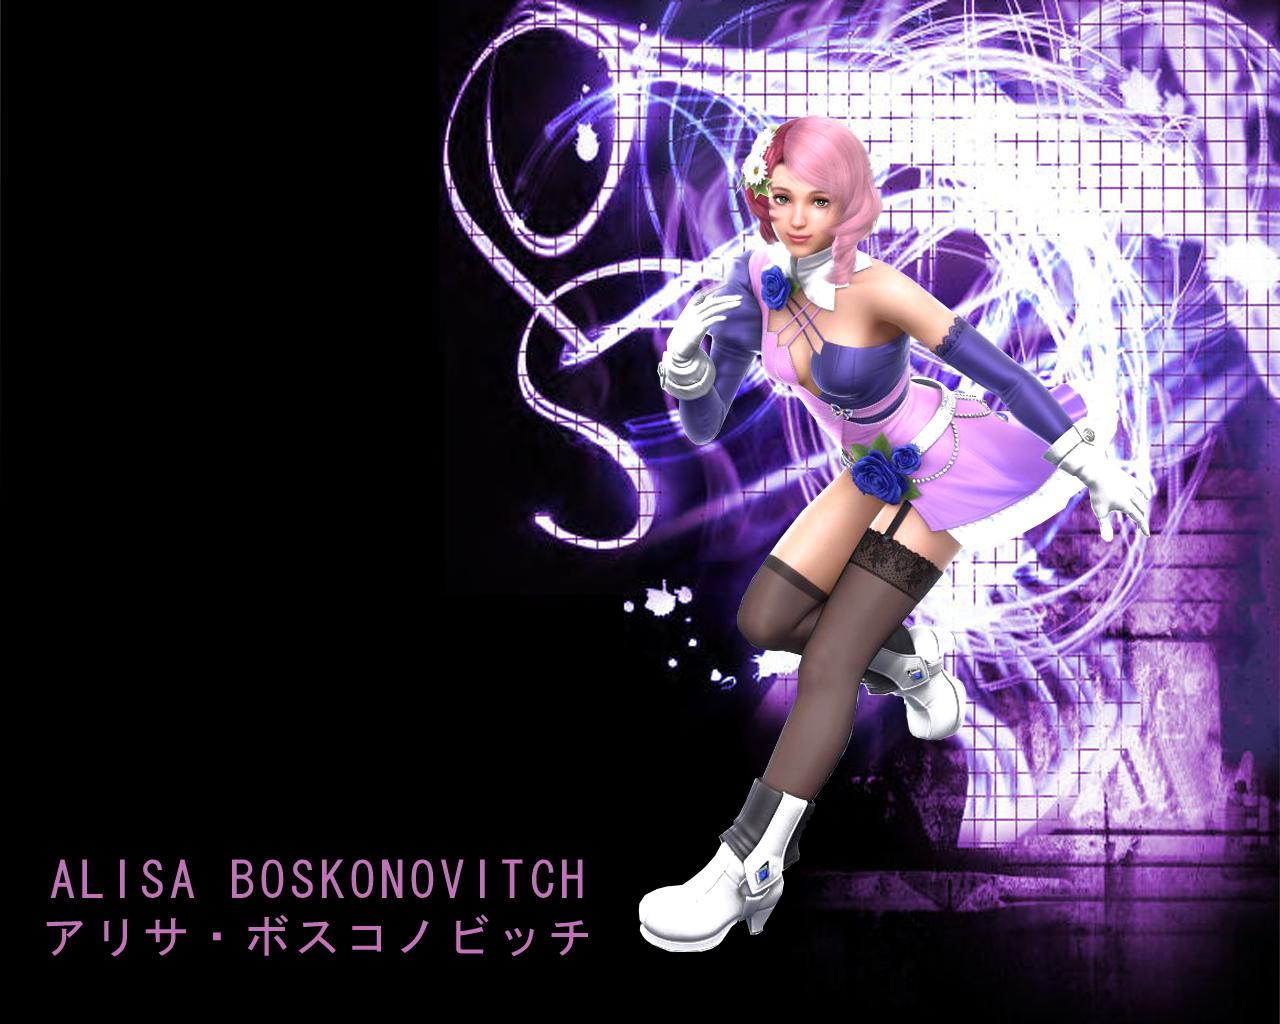 Tekken 6 Alisa